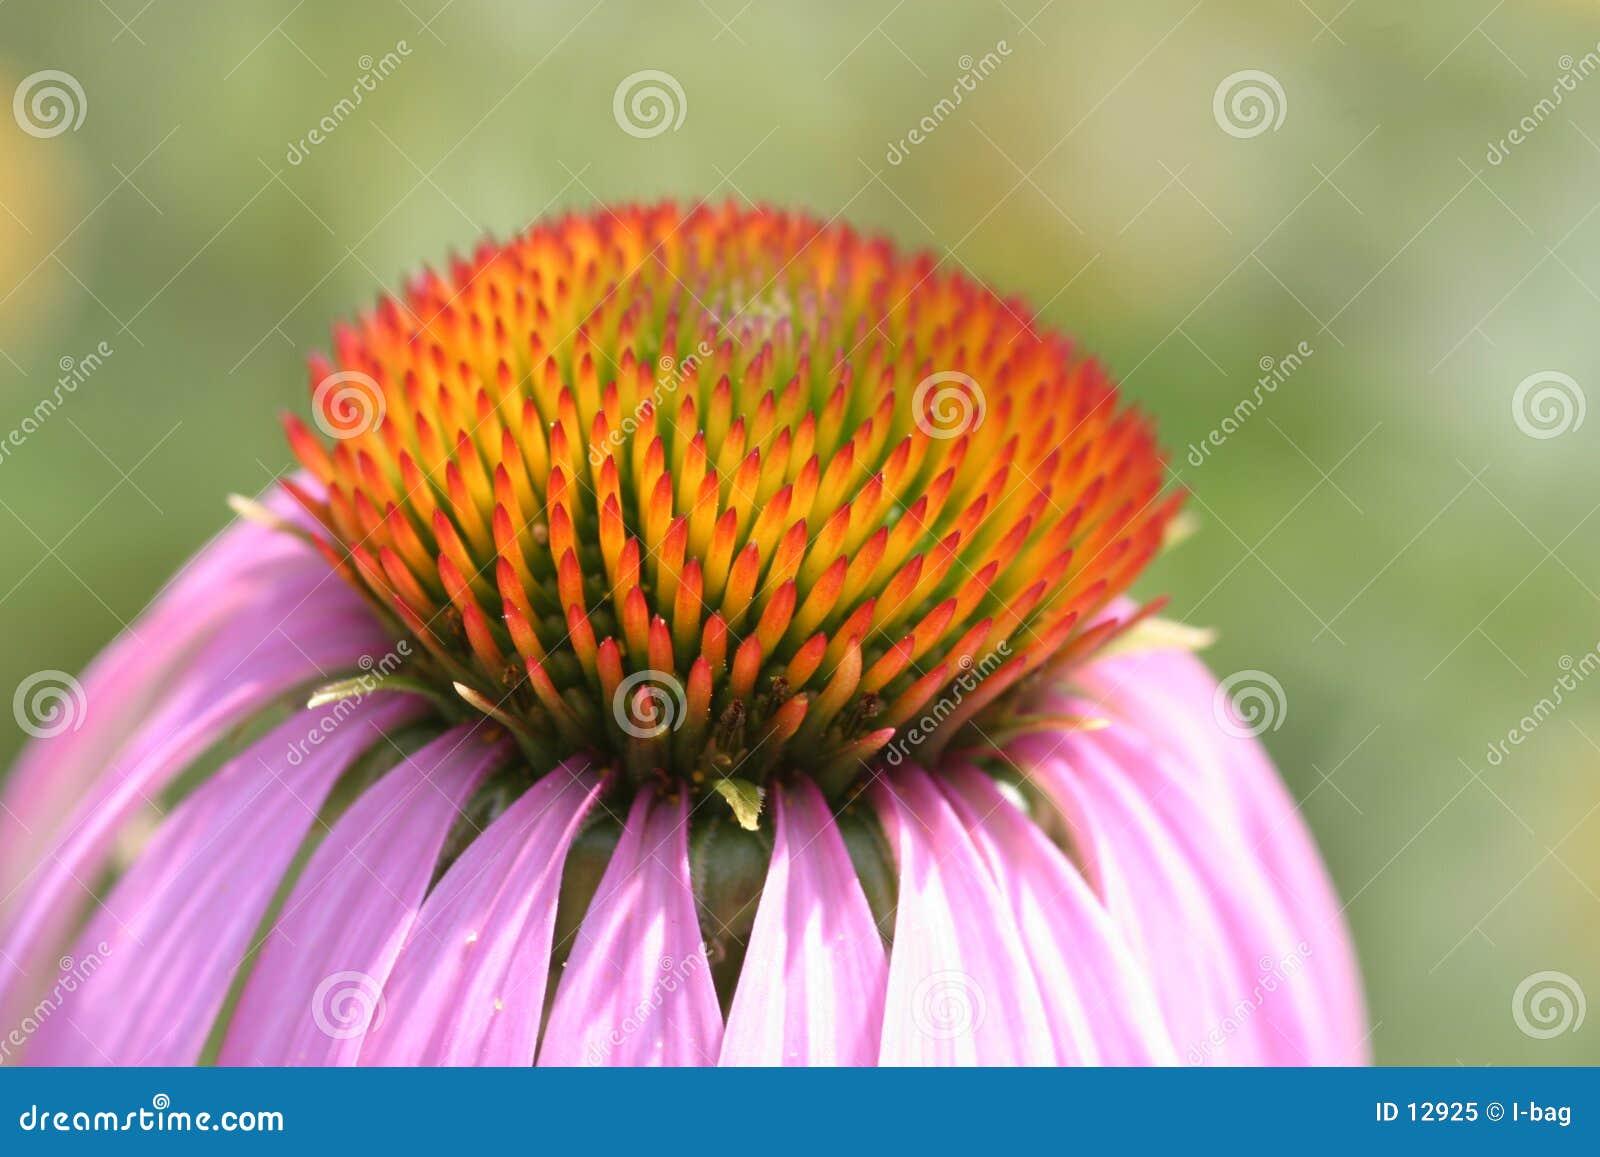 Fiore del fiore